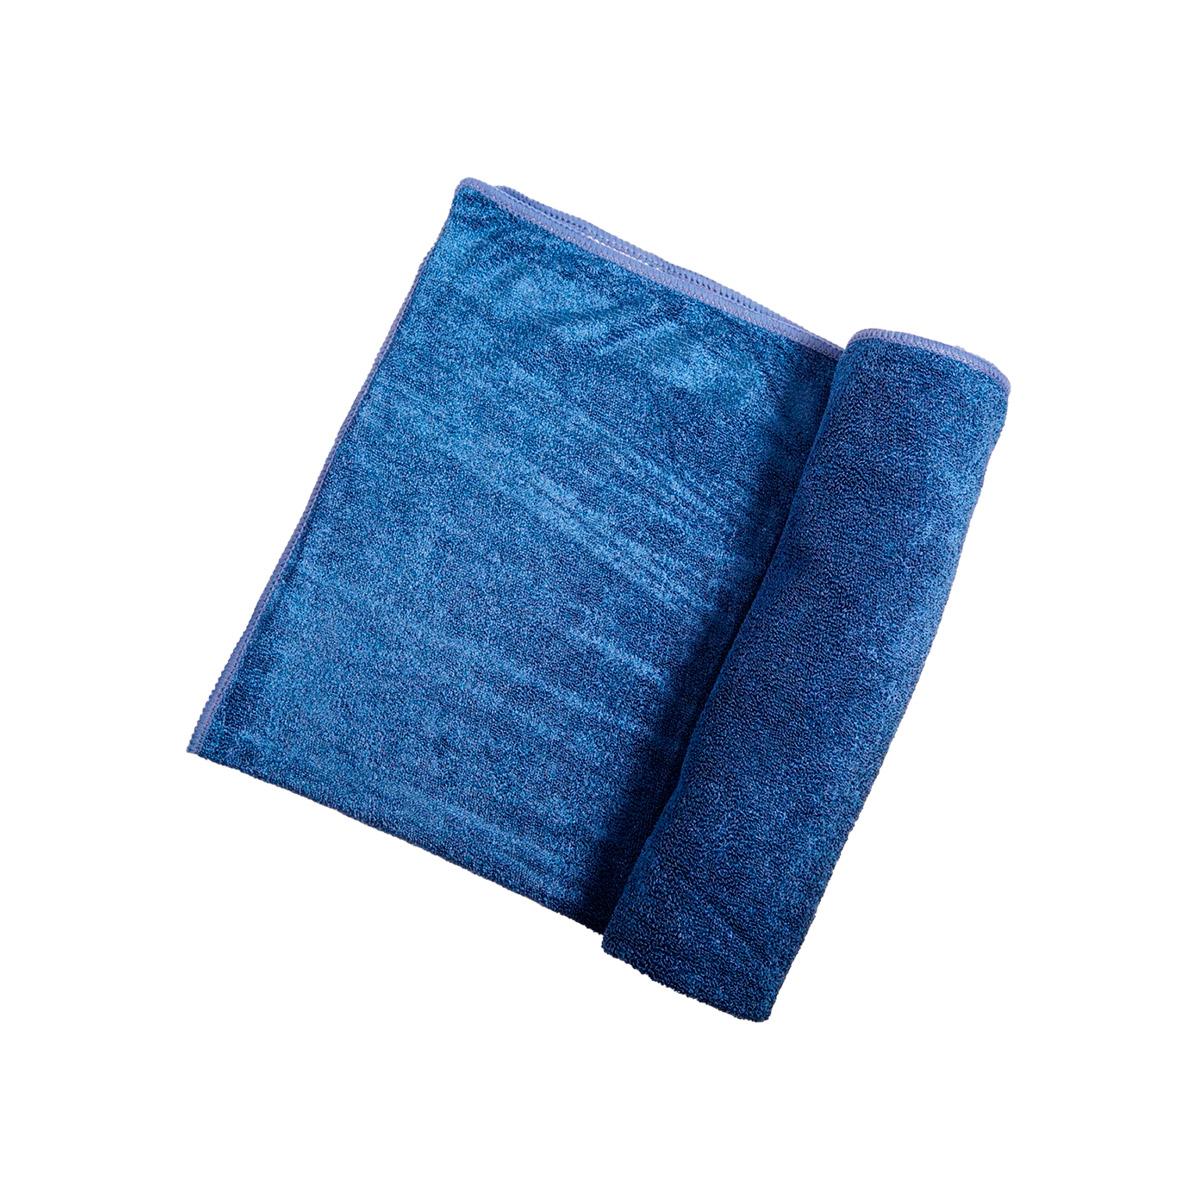 Toalha de Microfibra para Secagem 50x90 - Vonixx